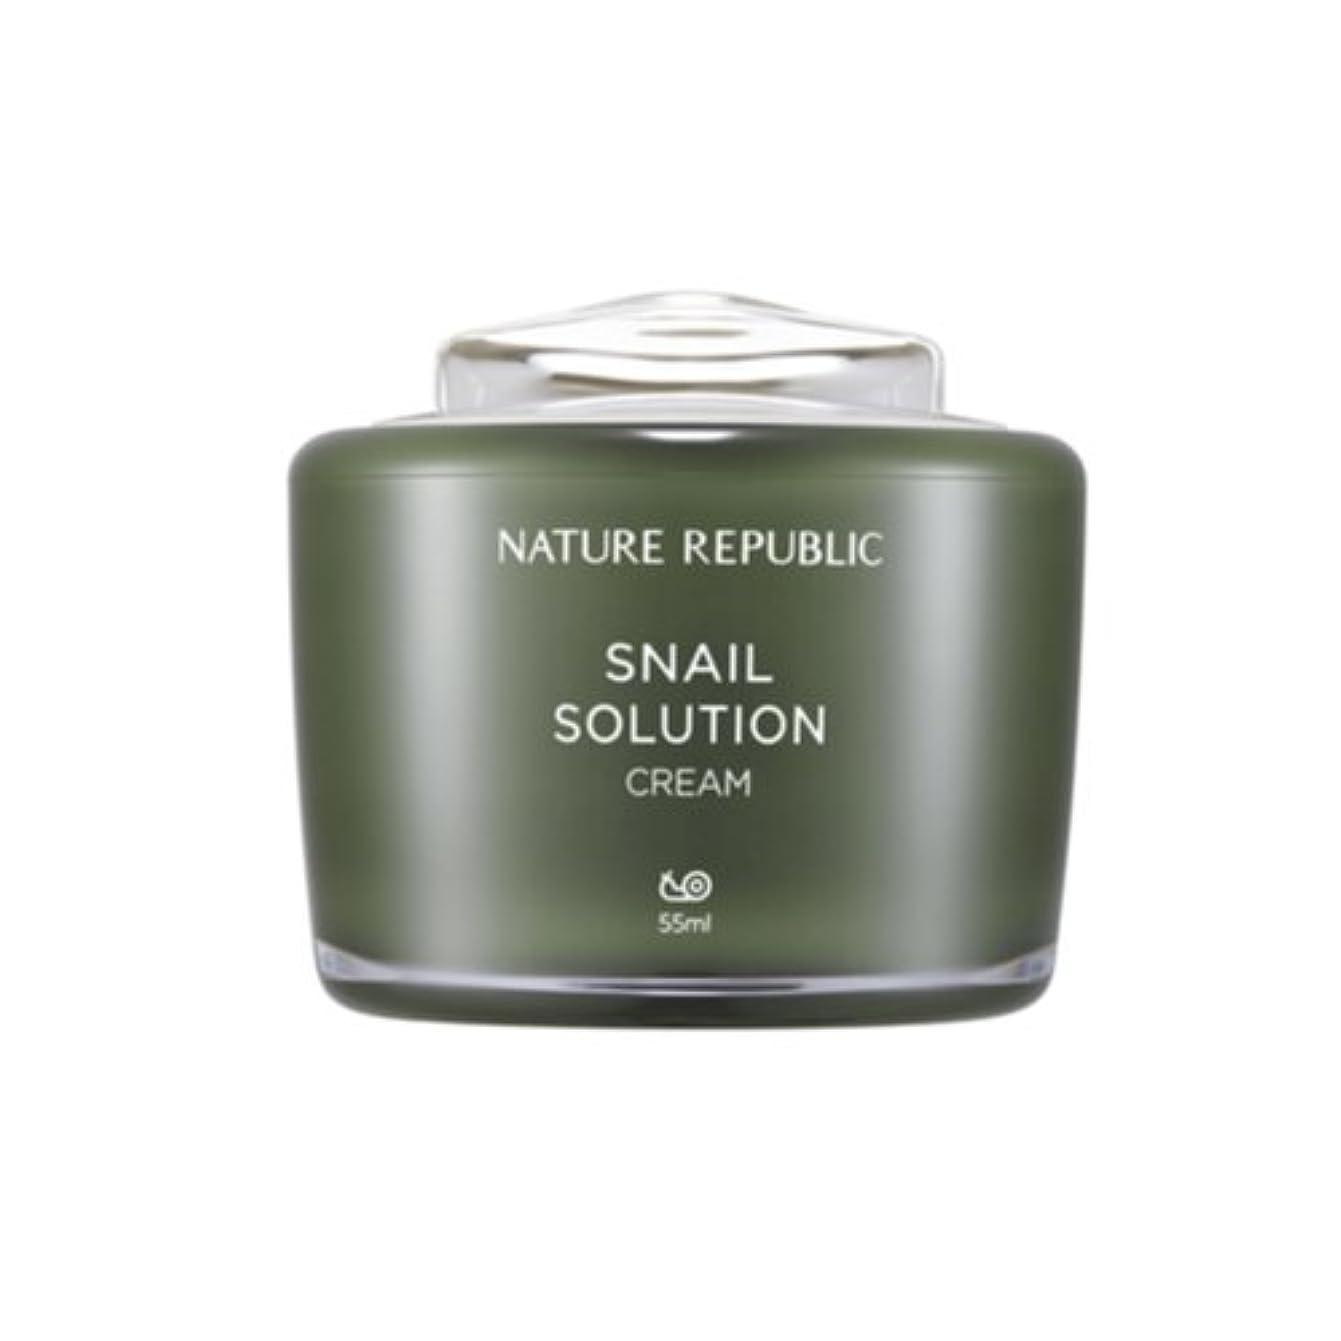 容量冬野心的[ネイチャーリパブリック] Nature republicスネイルソリューションクリーム海外直送品(Snail Solution Cream) [並行輸入品]